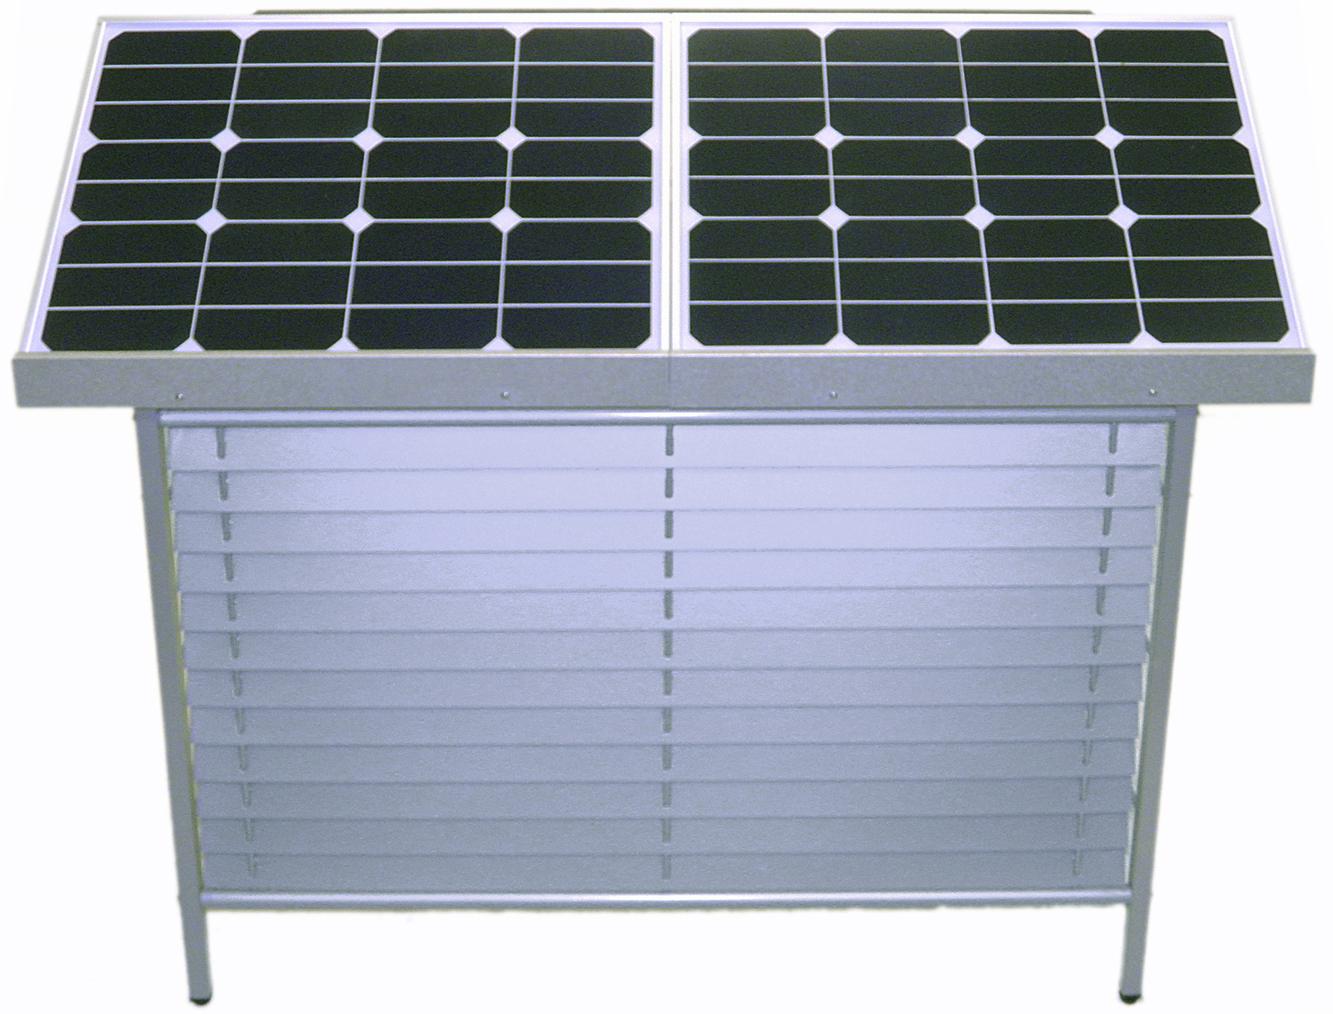 【停電対策】【室外機カバー型】【非常用電源】ソーラー蓄電システム WinSideSolar ES-S500 設置工事付パック::2982【バッグ・小物・ブランド雑貨】記念日向けギフトの通販サイト「バースデープレス」